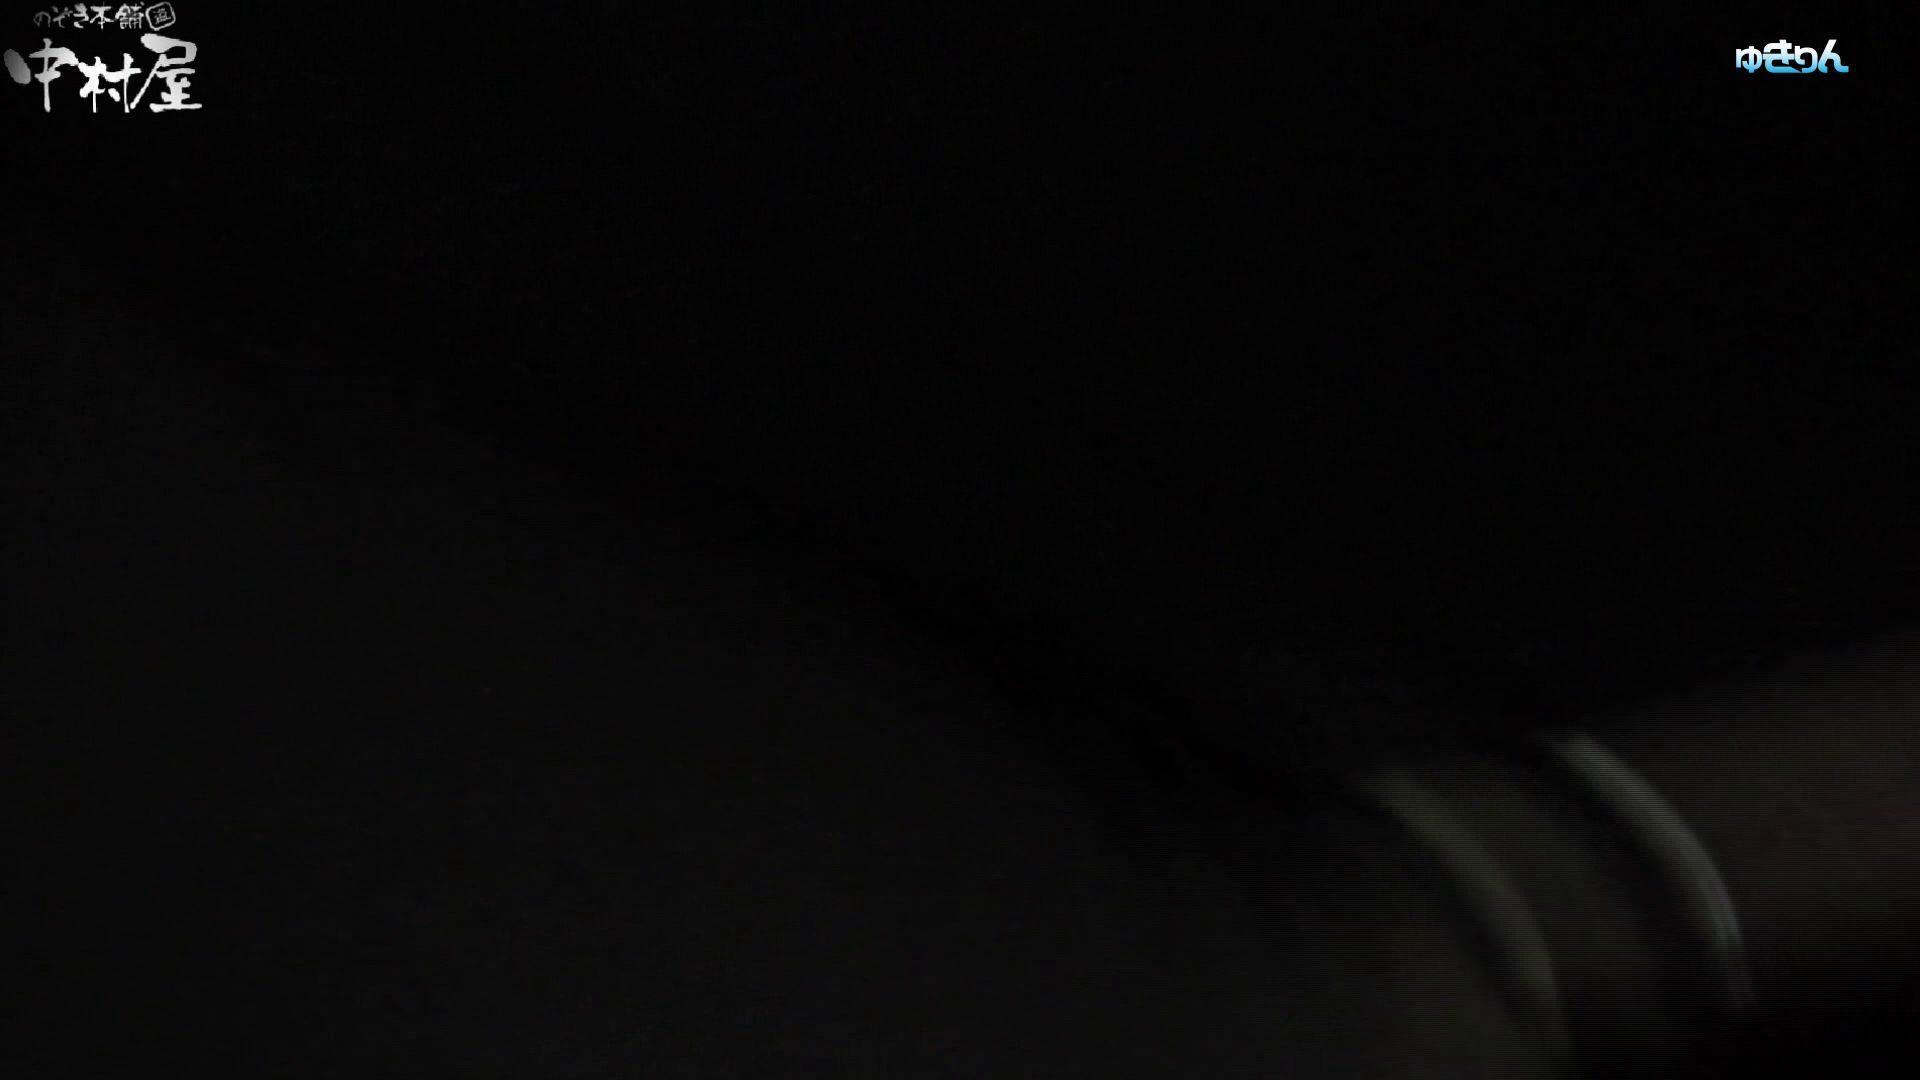 世界の射窓から~ステーション編 vol58 0.1%の確率!!吸い付こまれるプレミアム聖地 盗撮特集   おまんこ  83画像 66